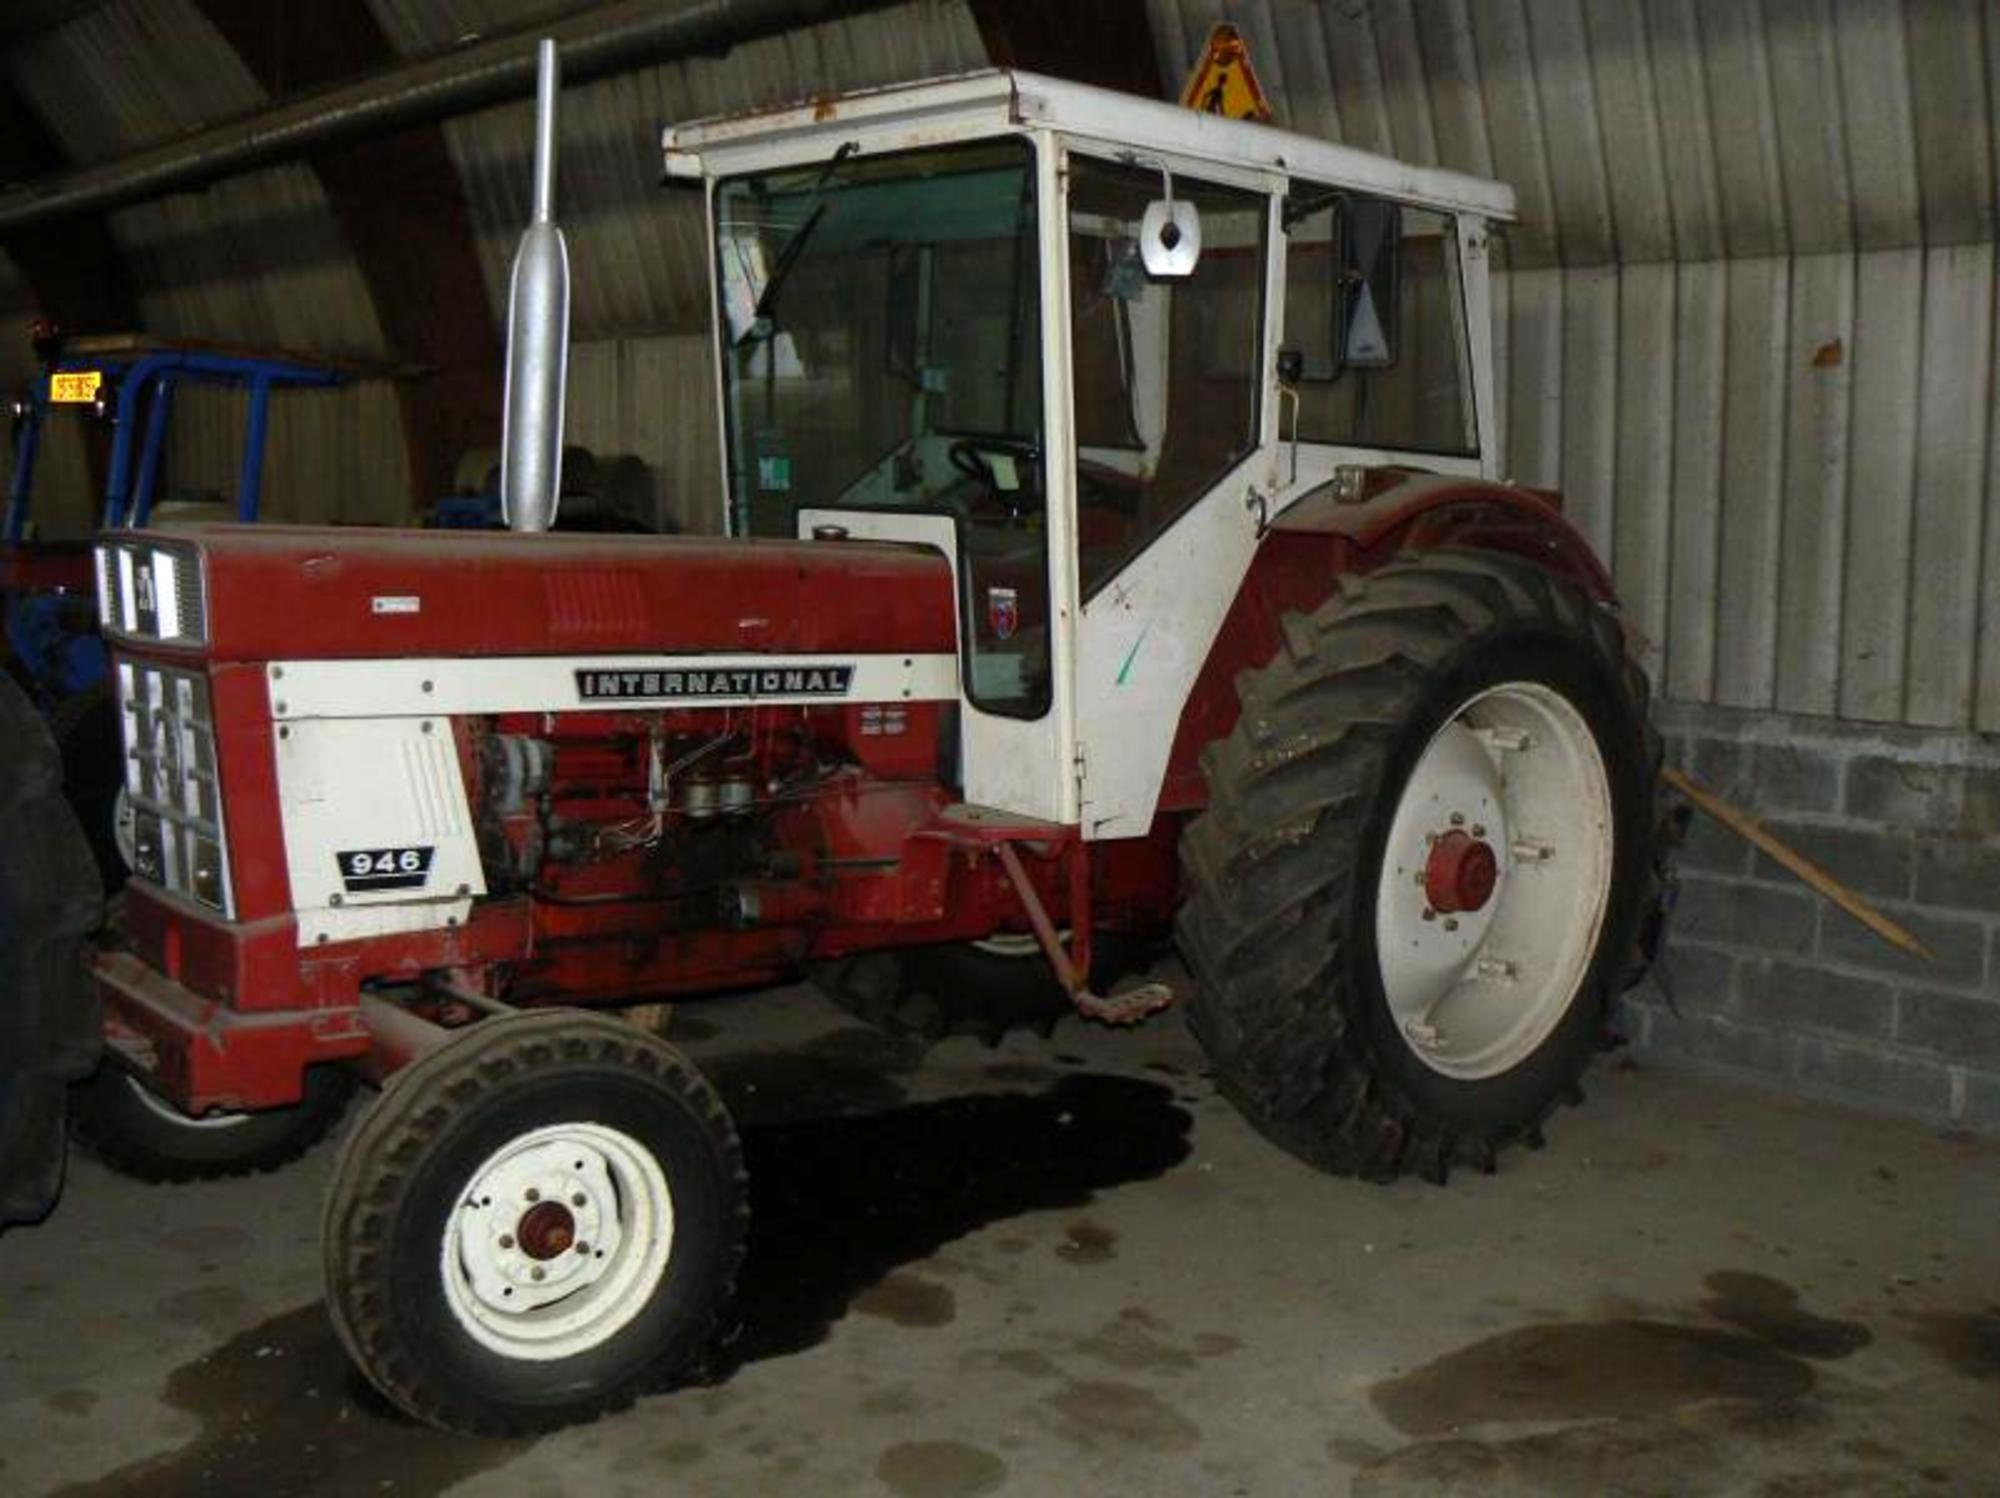 tracteur international 946 tracteur d 39 occasion aux. Black Bedroom Furniture Sets. Home Design Ideas